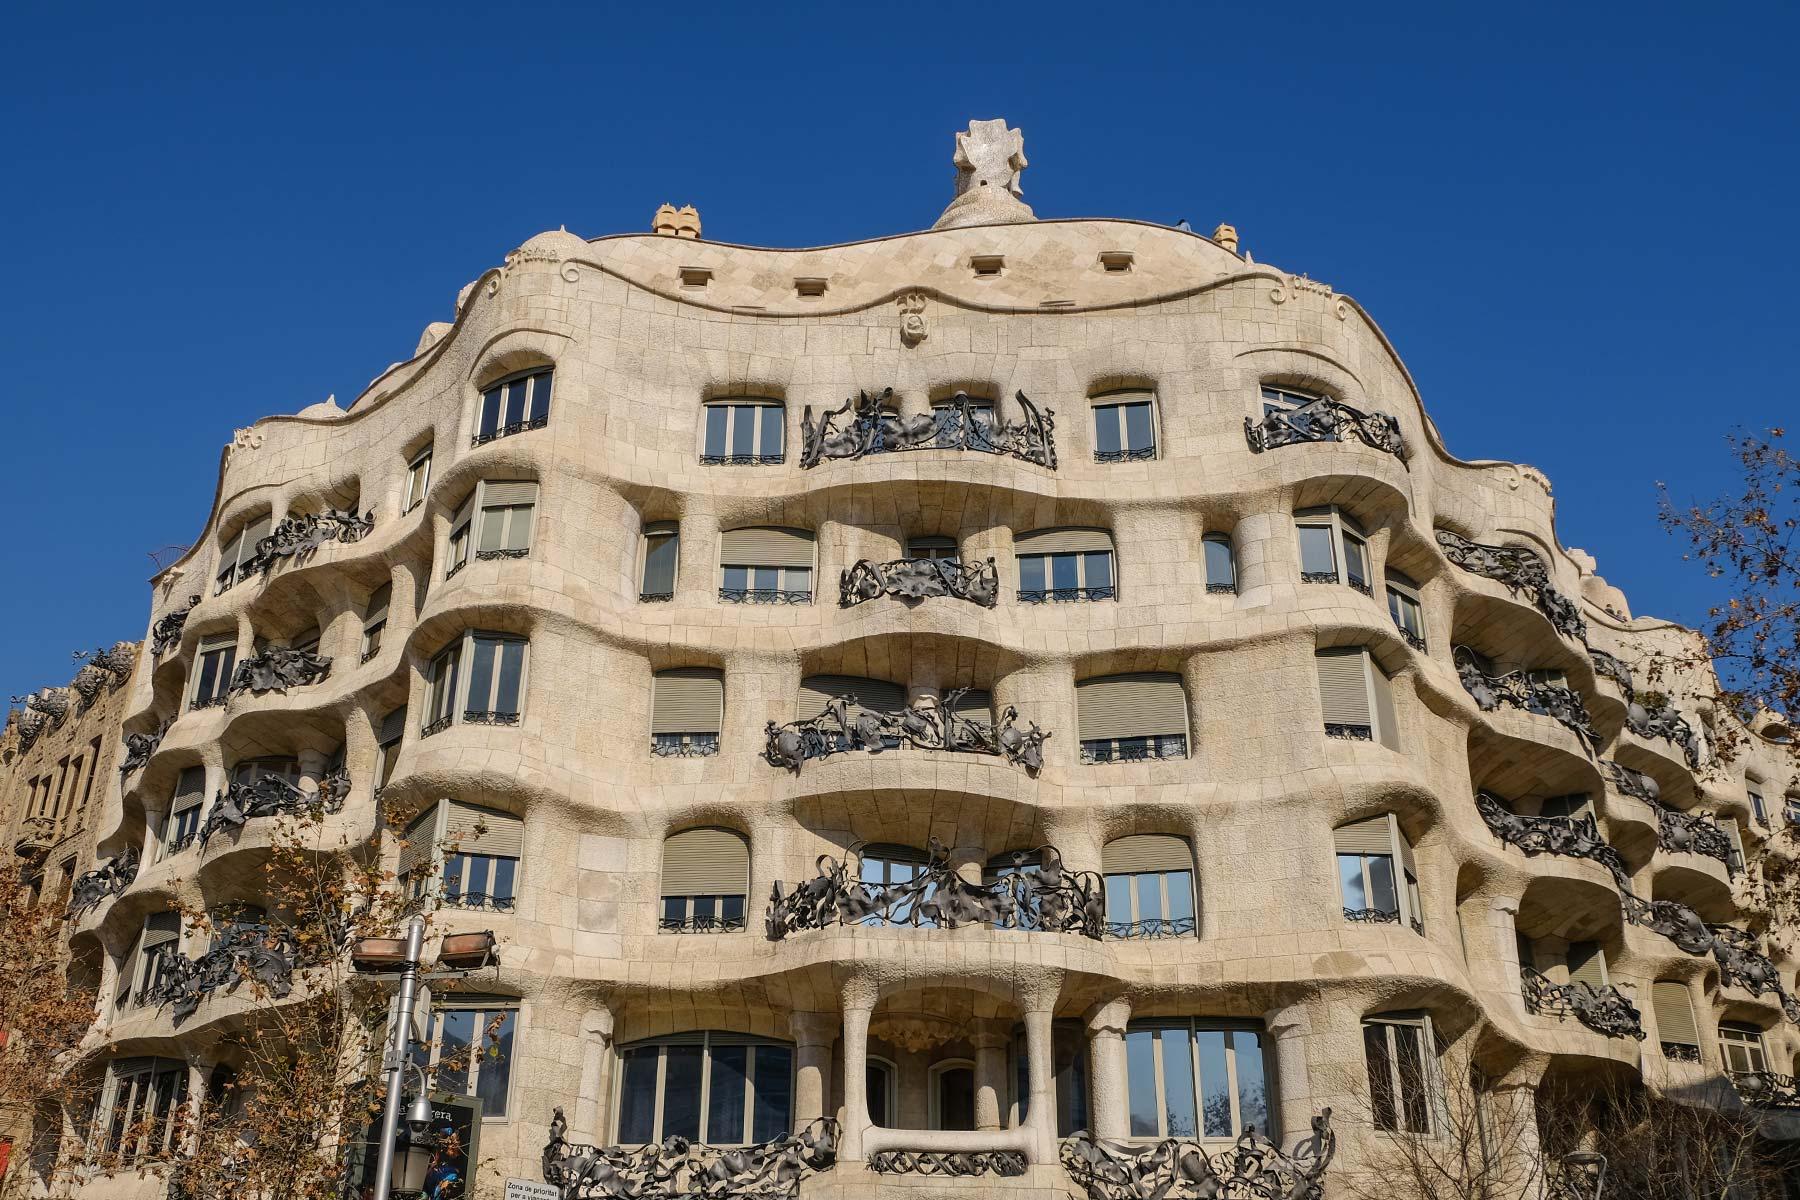 Außenfassade der Casa Milà in Barcelona